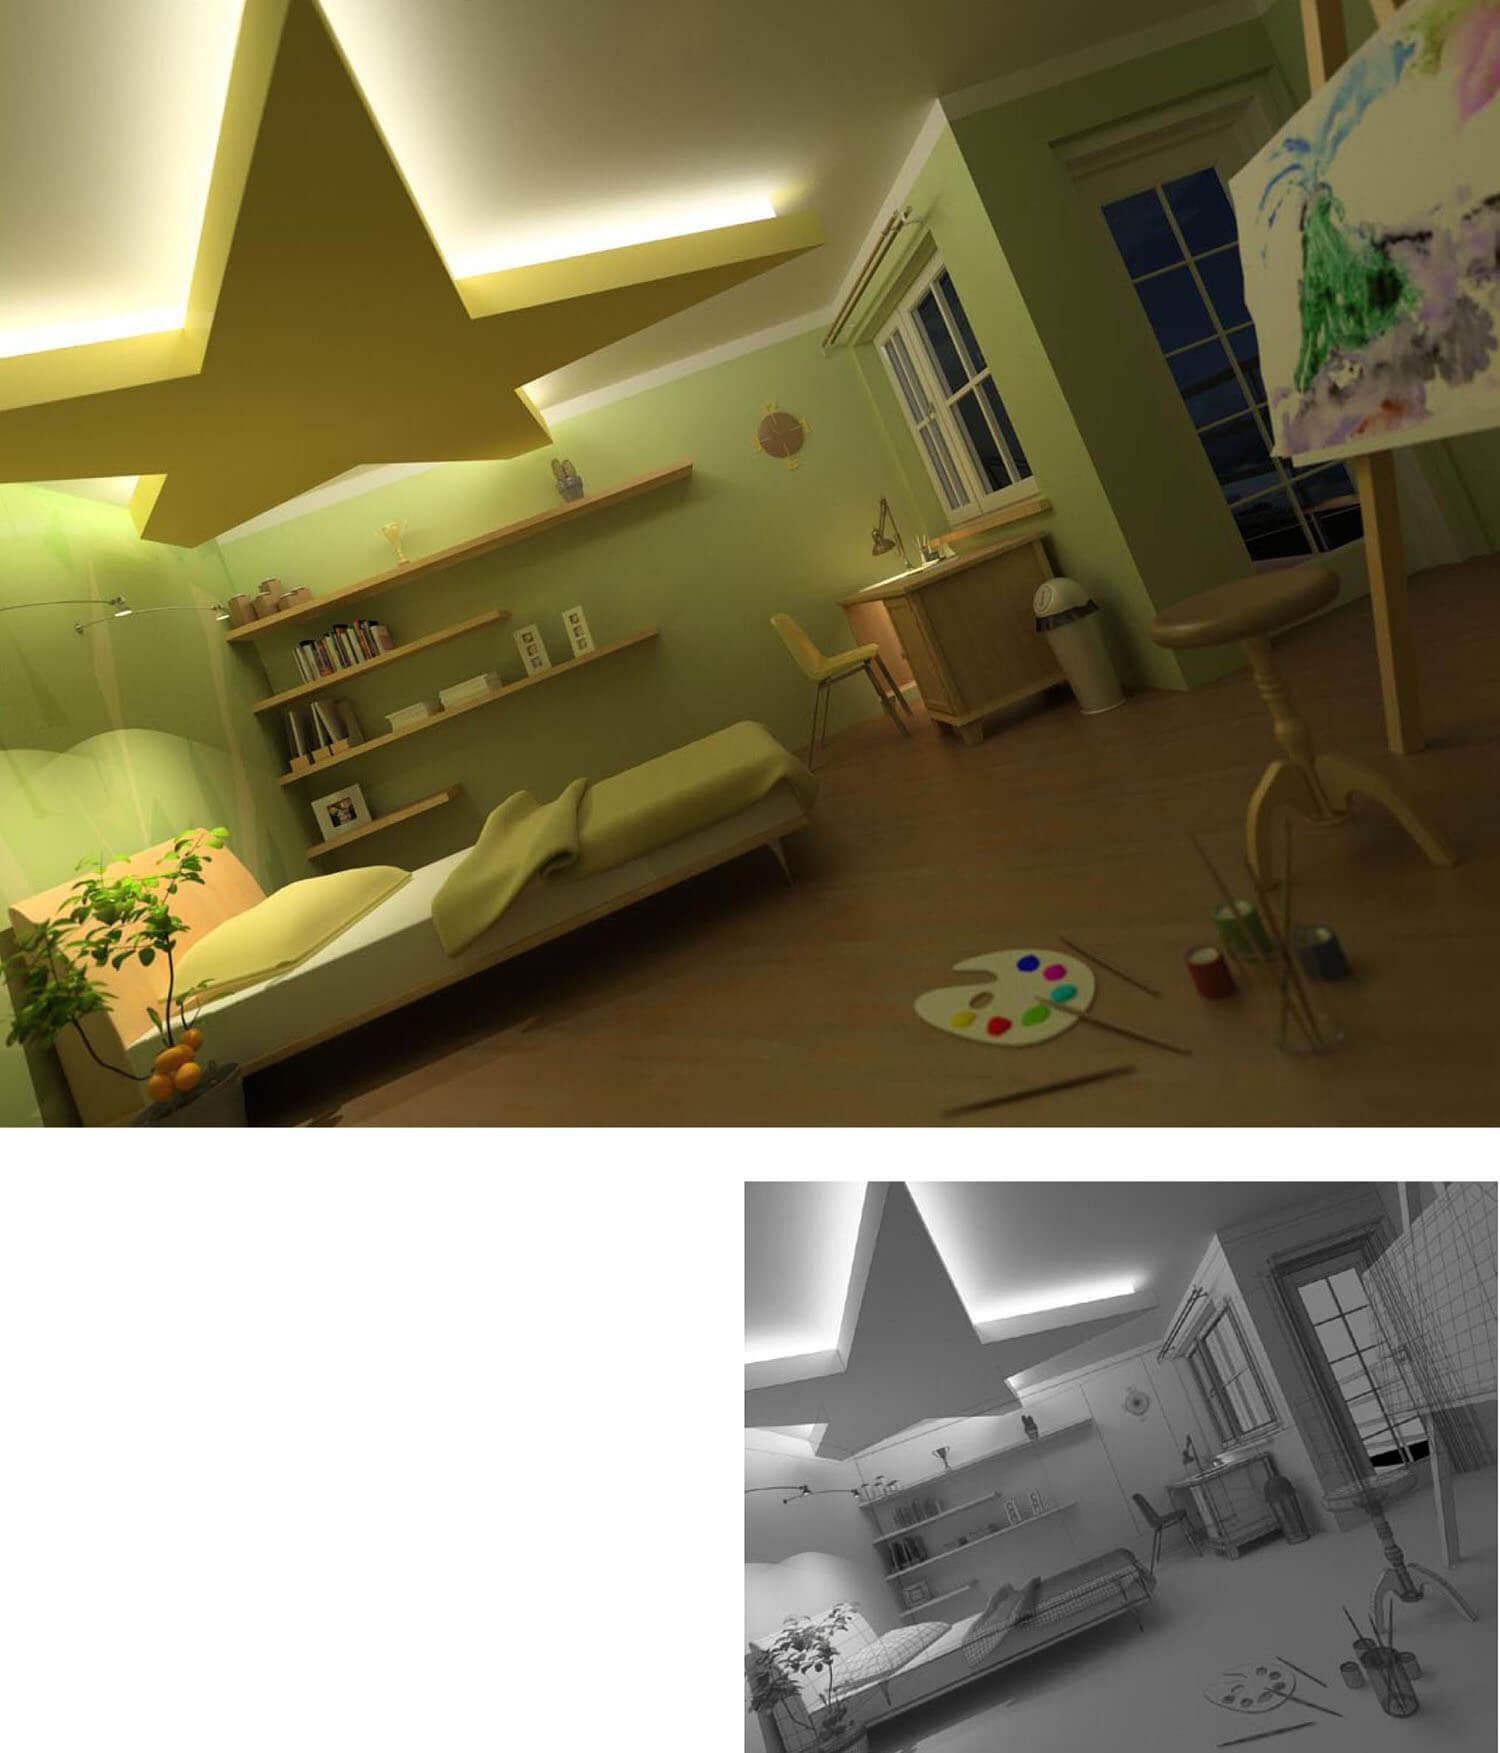 Mẫu phòng ngủ trẻ em với màu sắc và trần thạch cao được thiết kế trẻ trung